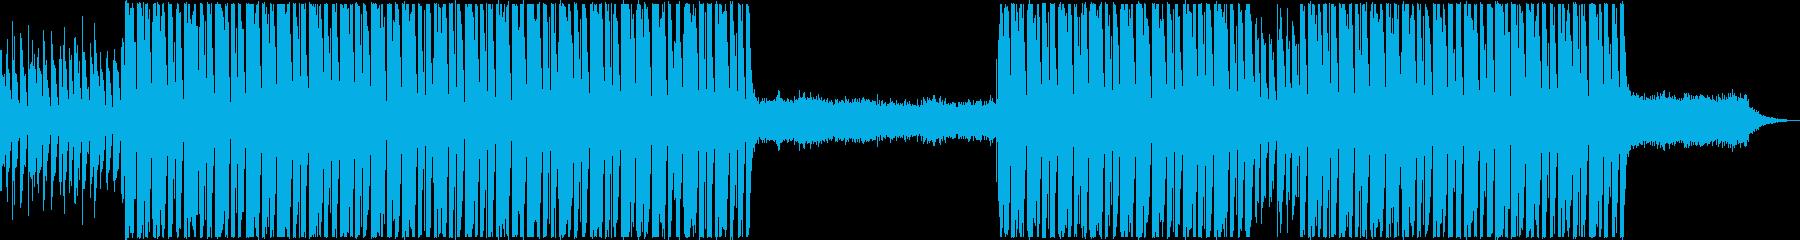 未来感のあるBGMの再生済みの波形